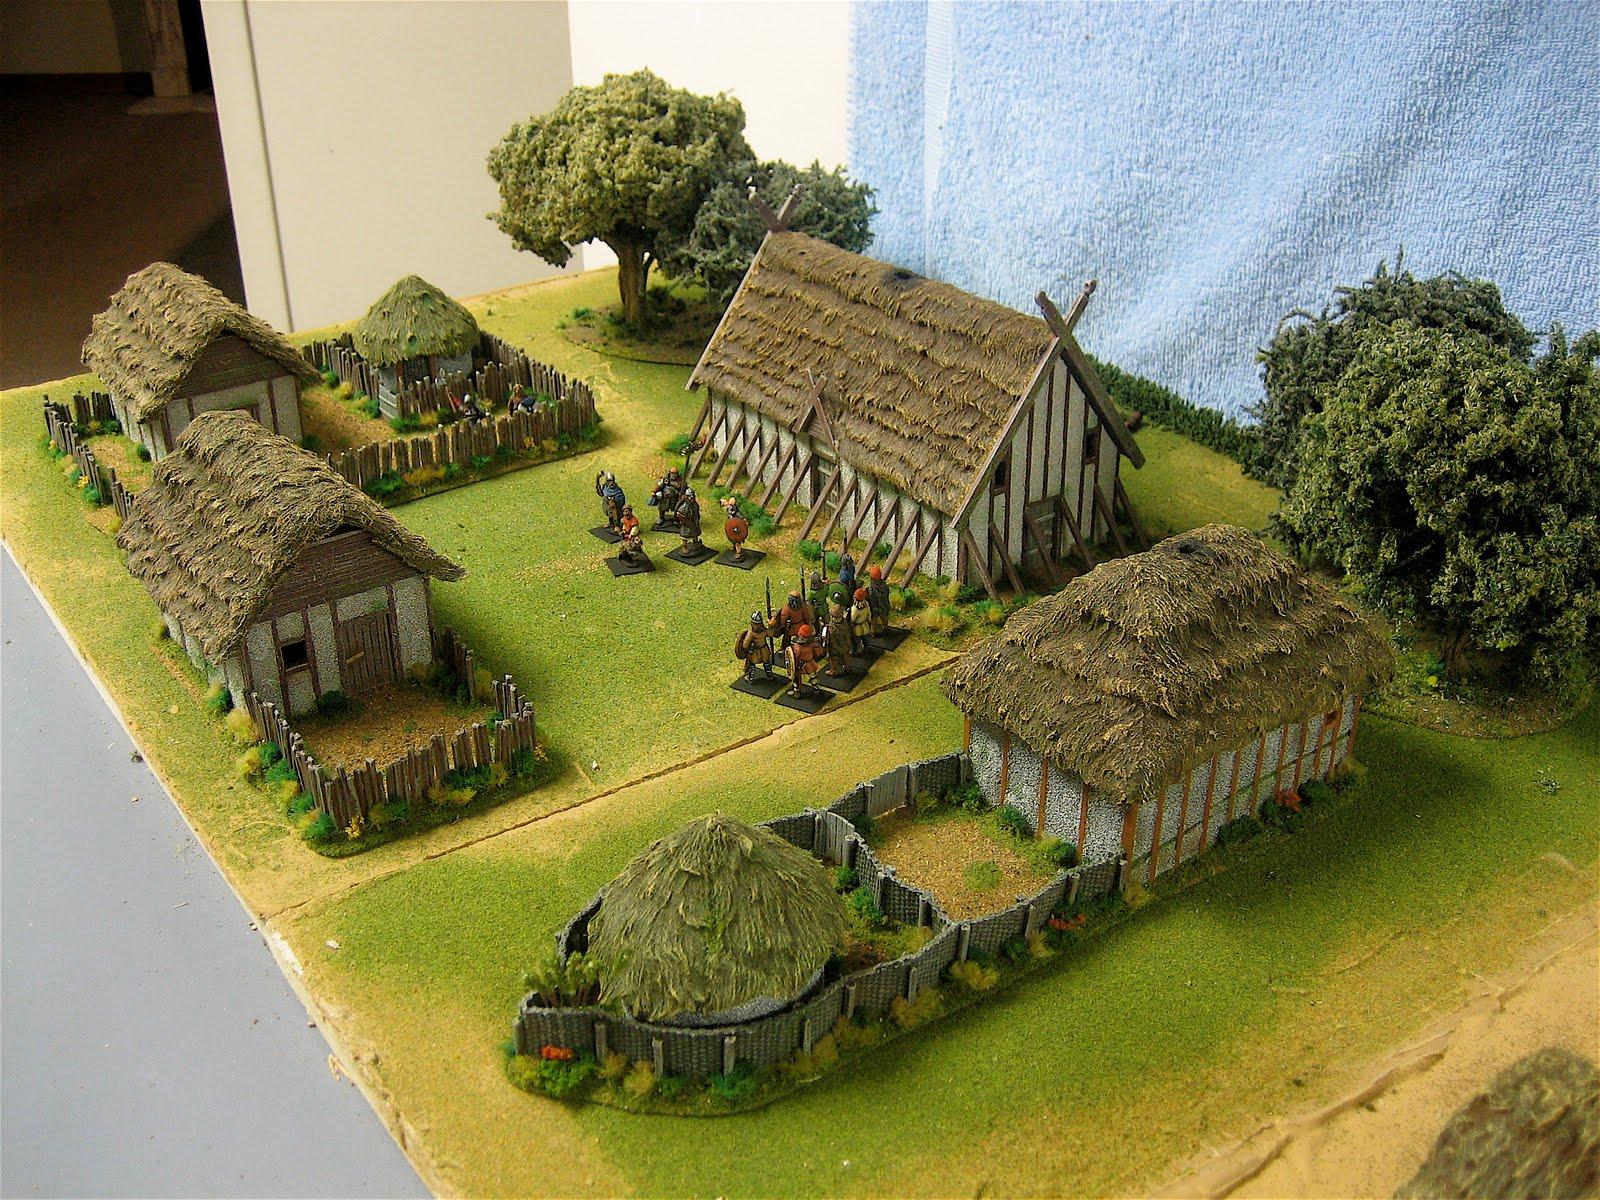 Der alte fritz journal september 2010 - The tiny house village a miniature settlement ...